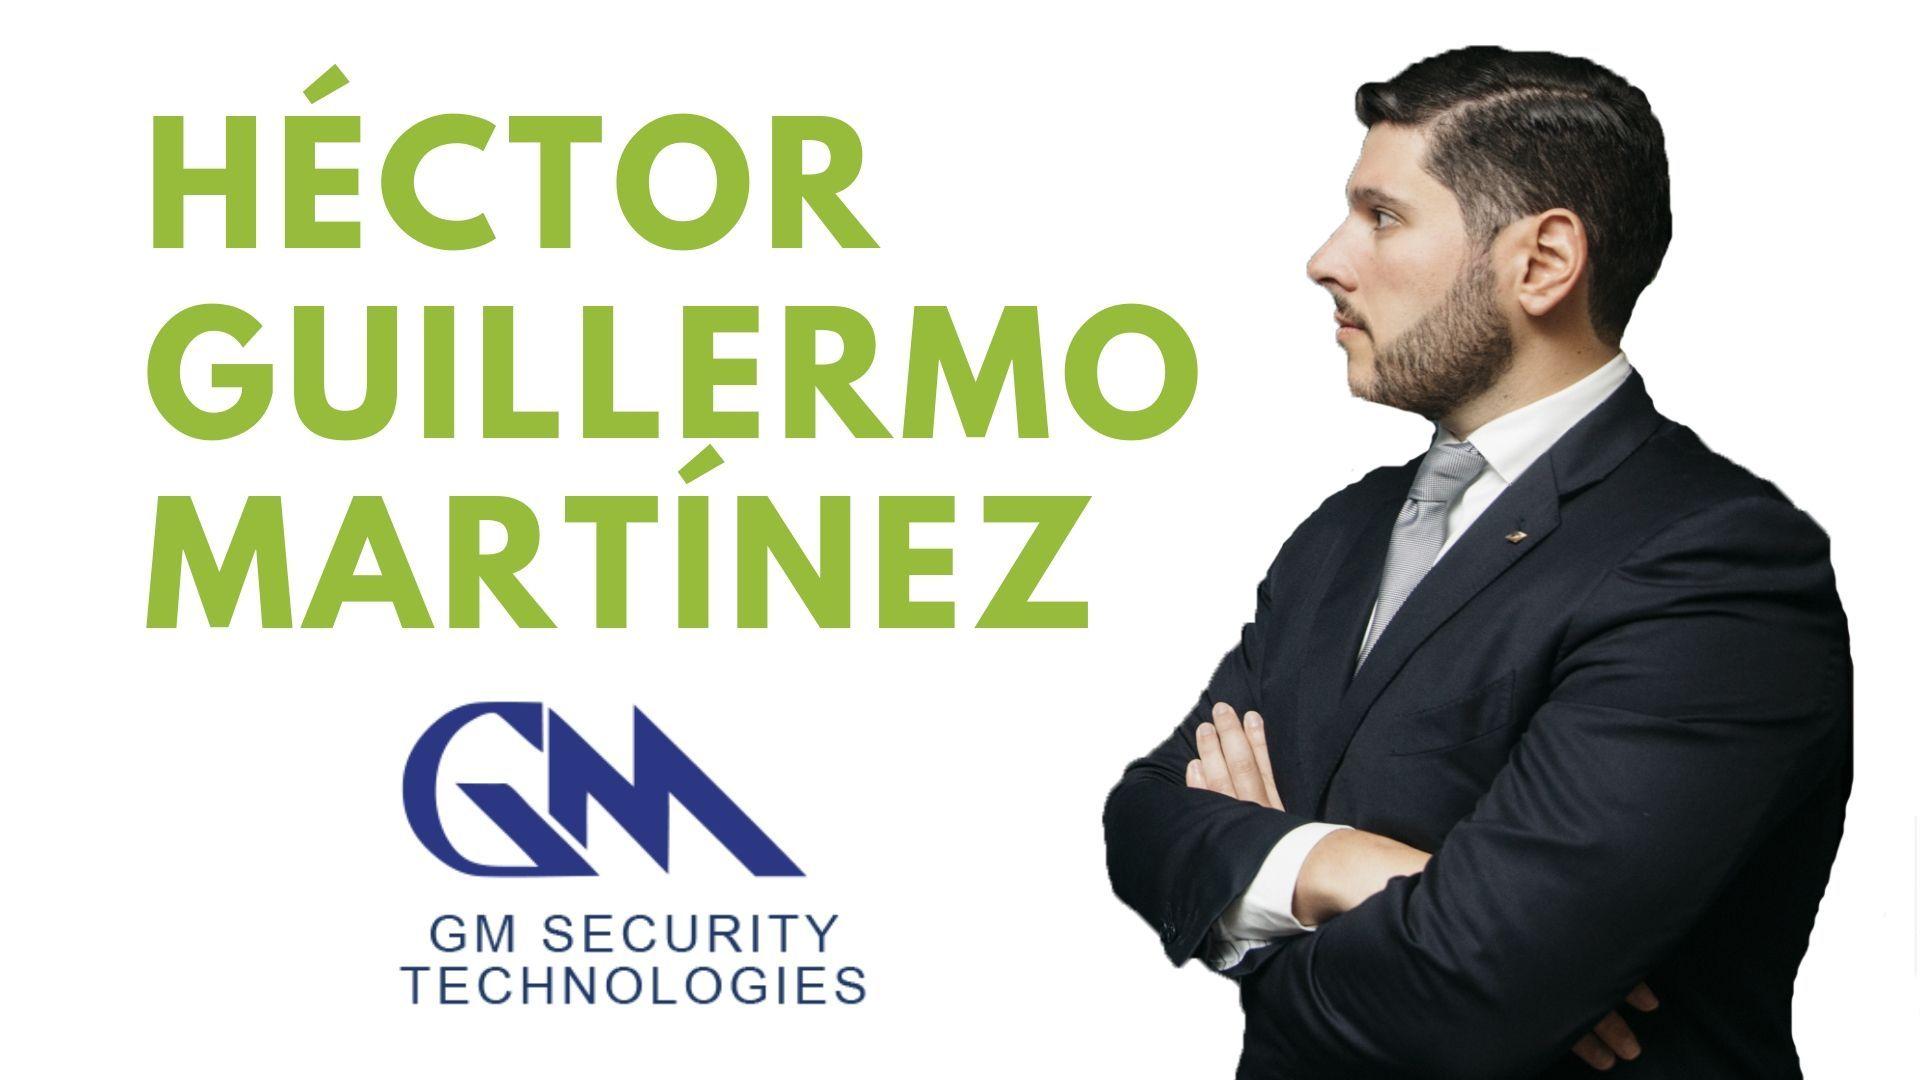 """Héctor Guillermo Martínez (GM Security Technologies): """"La ciberseguridad es una responsabilidad de todos y un tema de continuidad"""""""